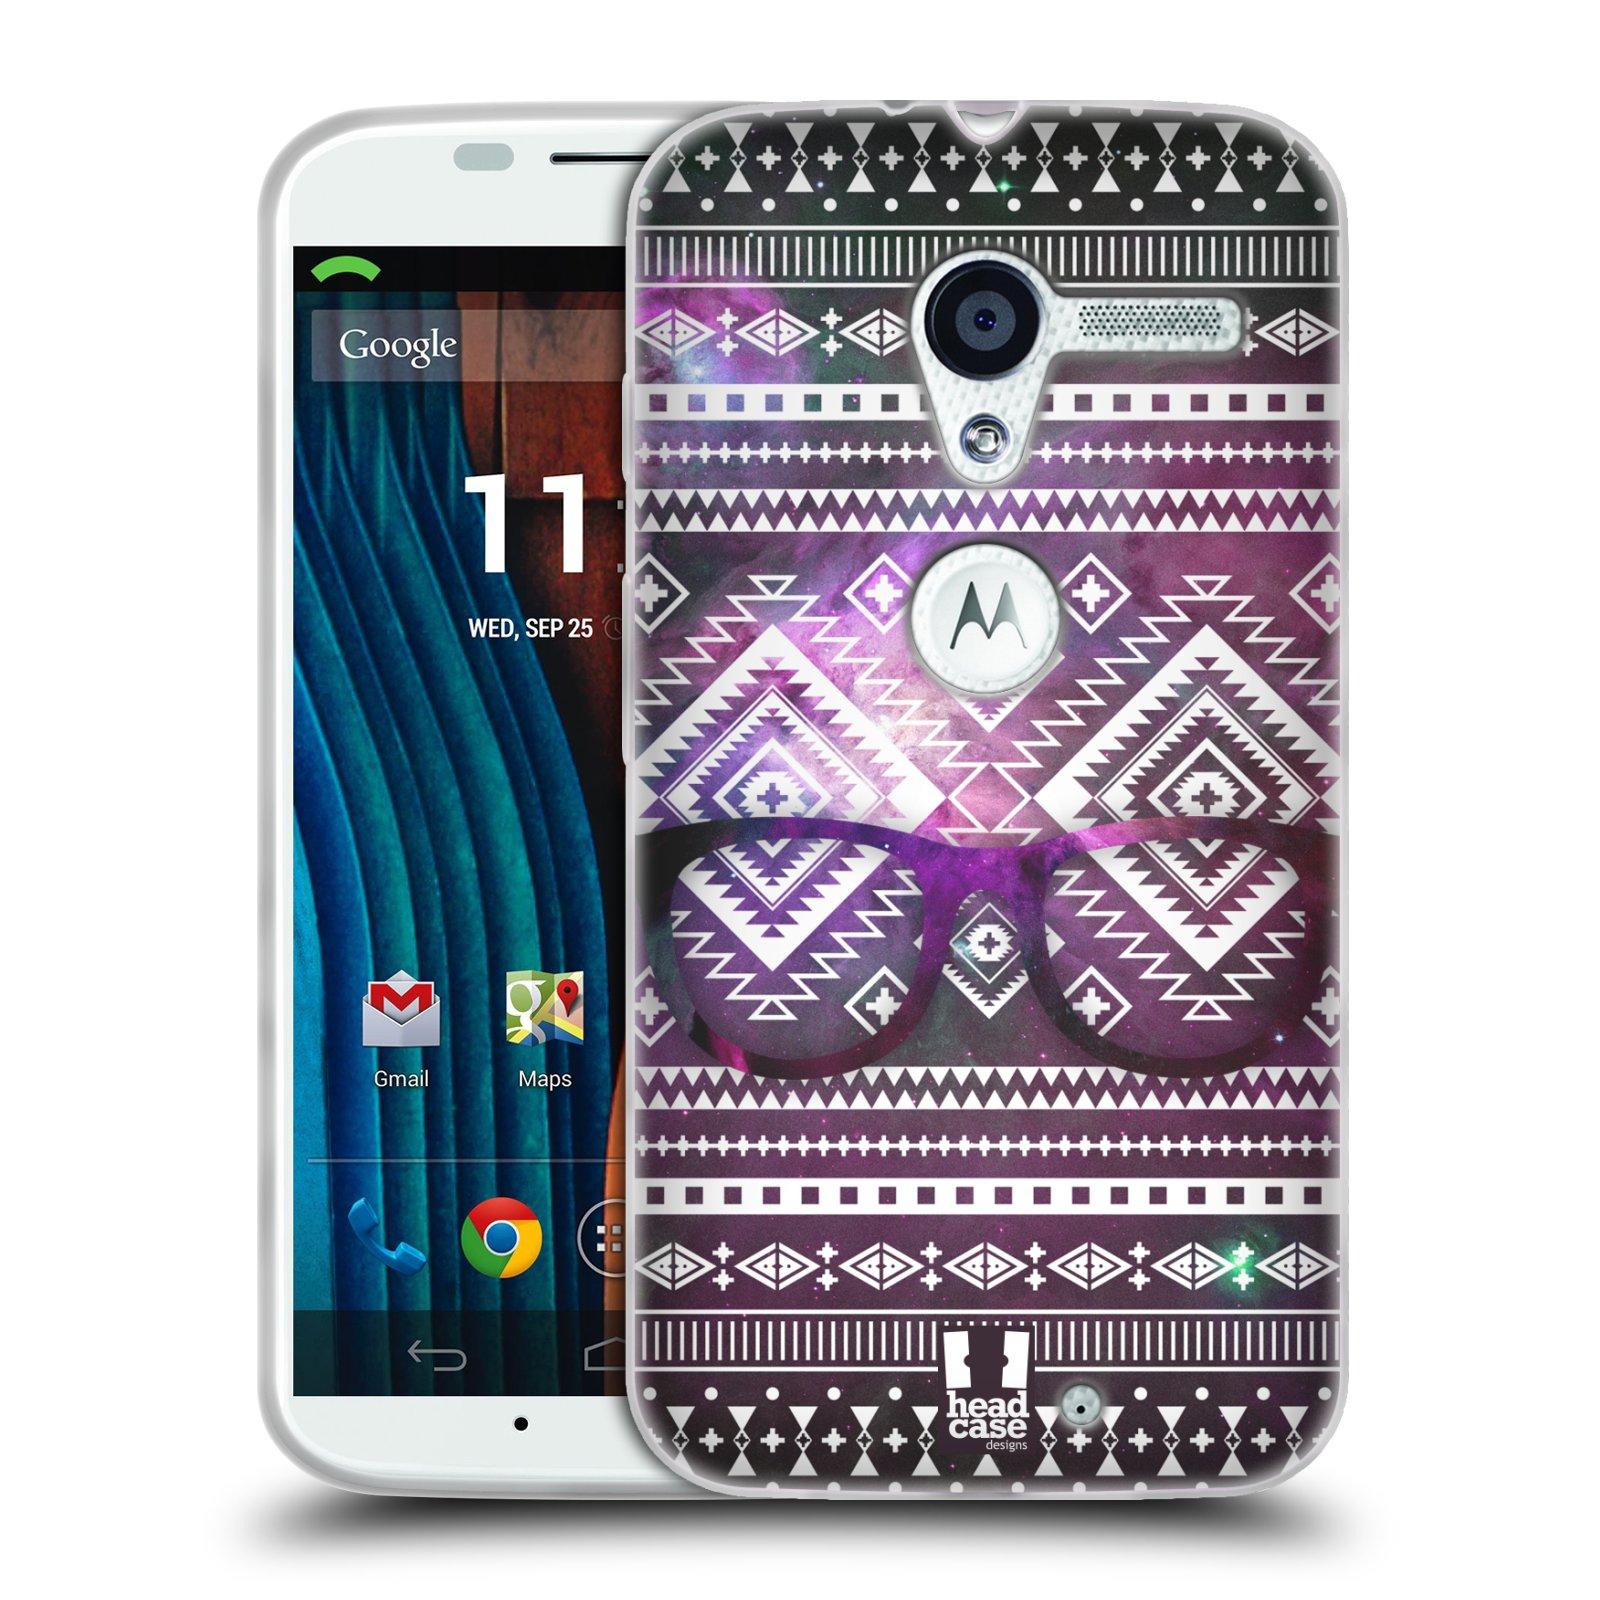 Silikonové pouzdro na mobil Motorola Moto X HEAD CASE NEBULA BRÝLE (Silikonový kryt či obal na mobilní telefon Motorola Moto X)